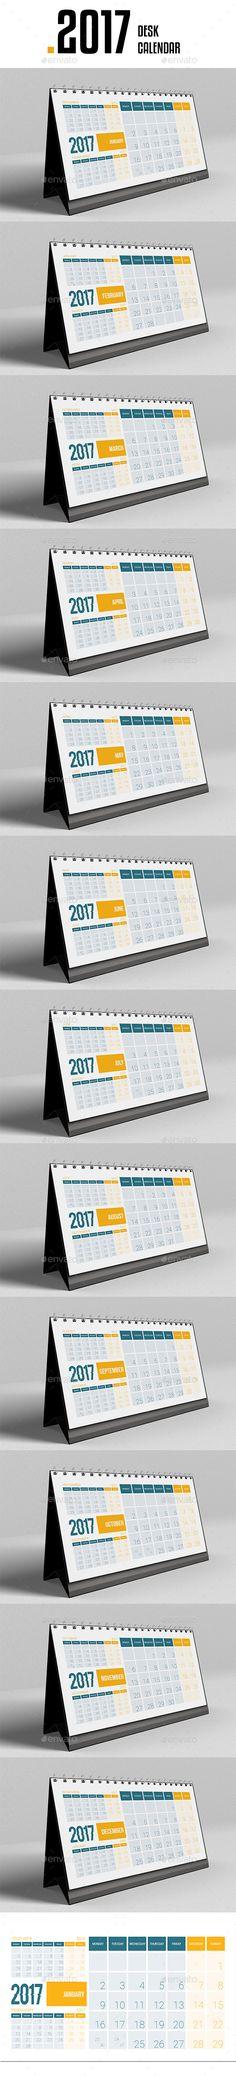 Desk Calendar 2017 — InDesign INDD #calender #year • Download ➝ https://graphicriver.net/item/desk-calendar-2017/19045857?ref=pxcr